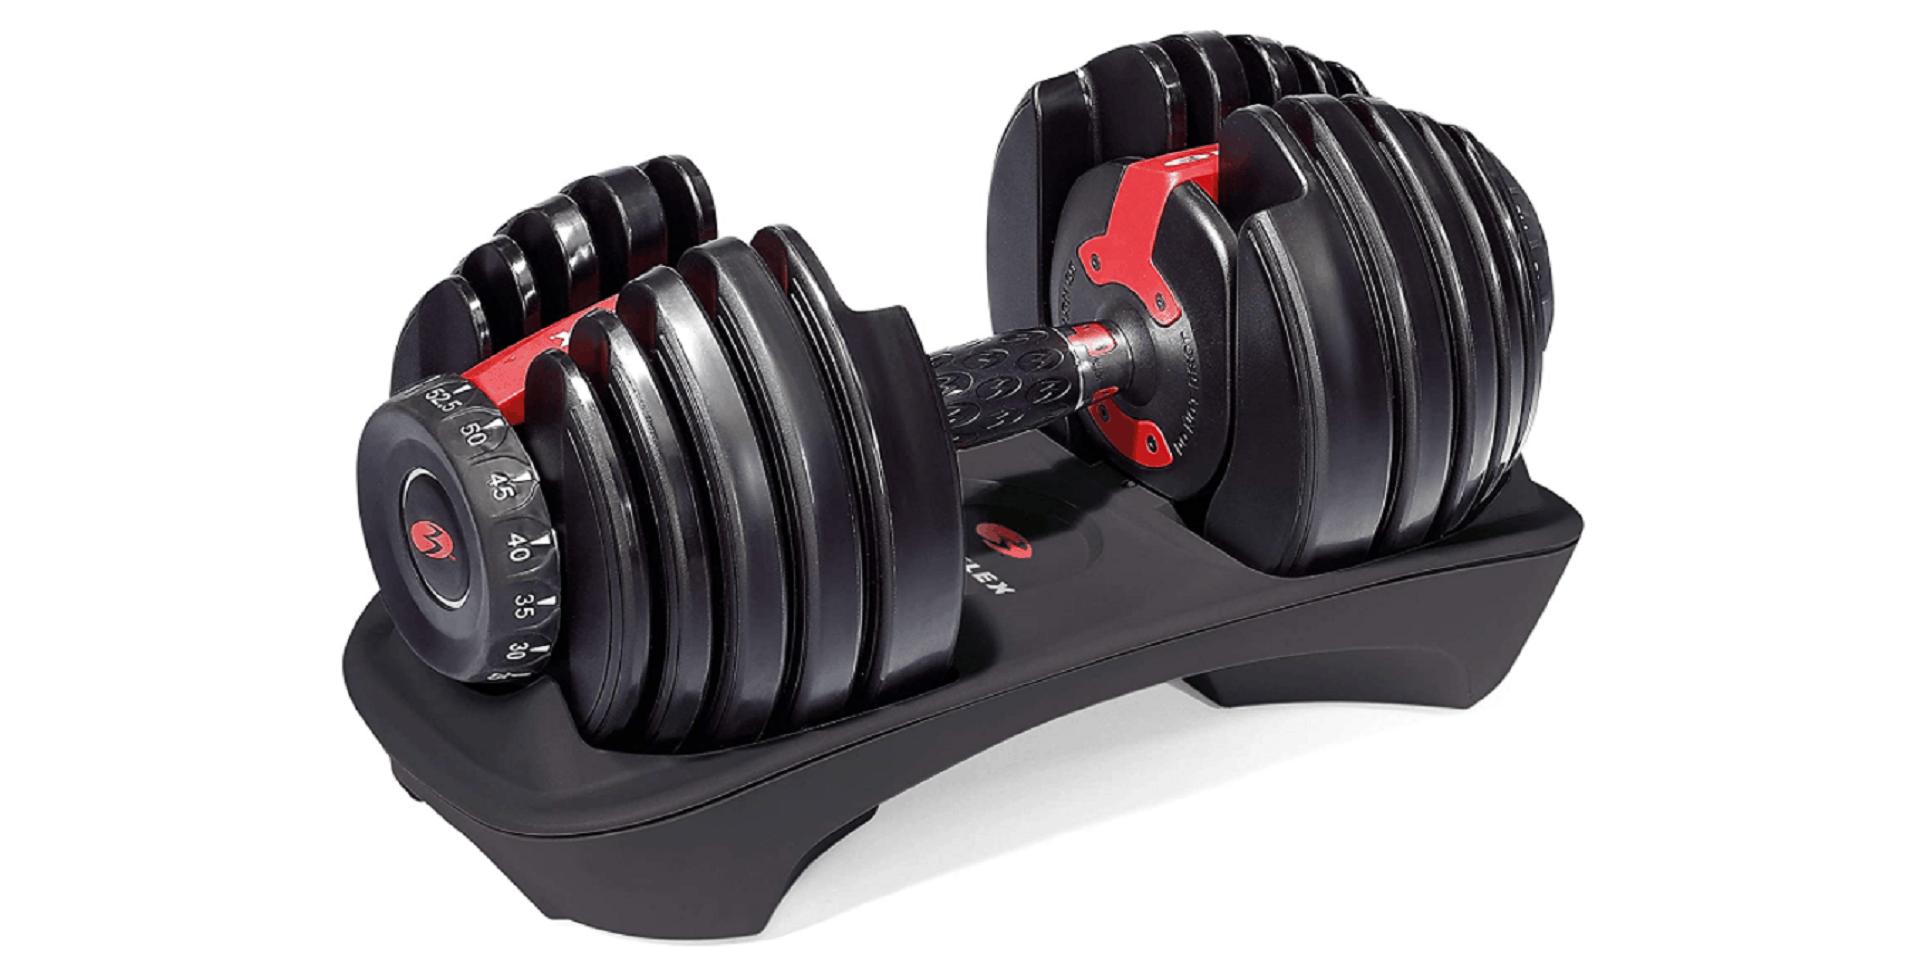 Bowflex SelectTech 552 Set